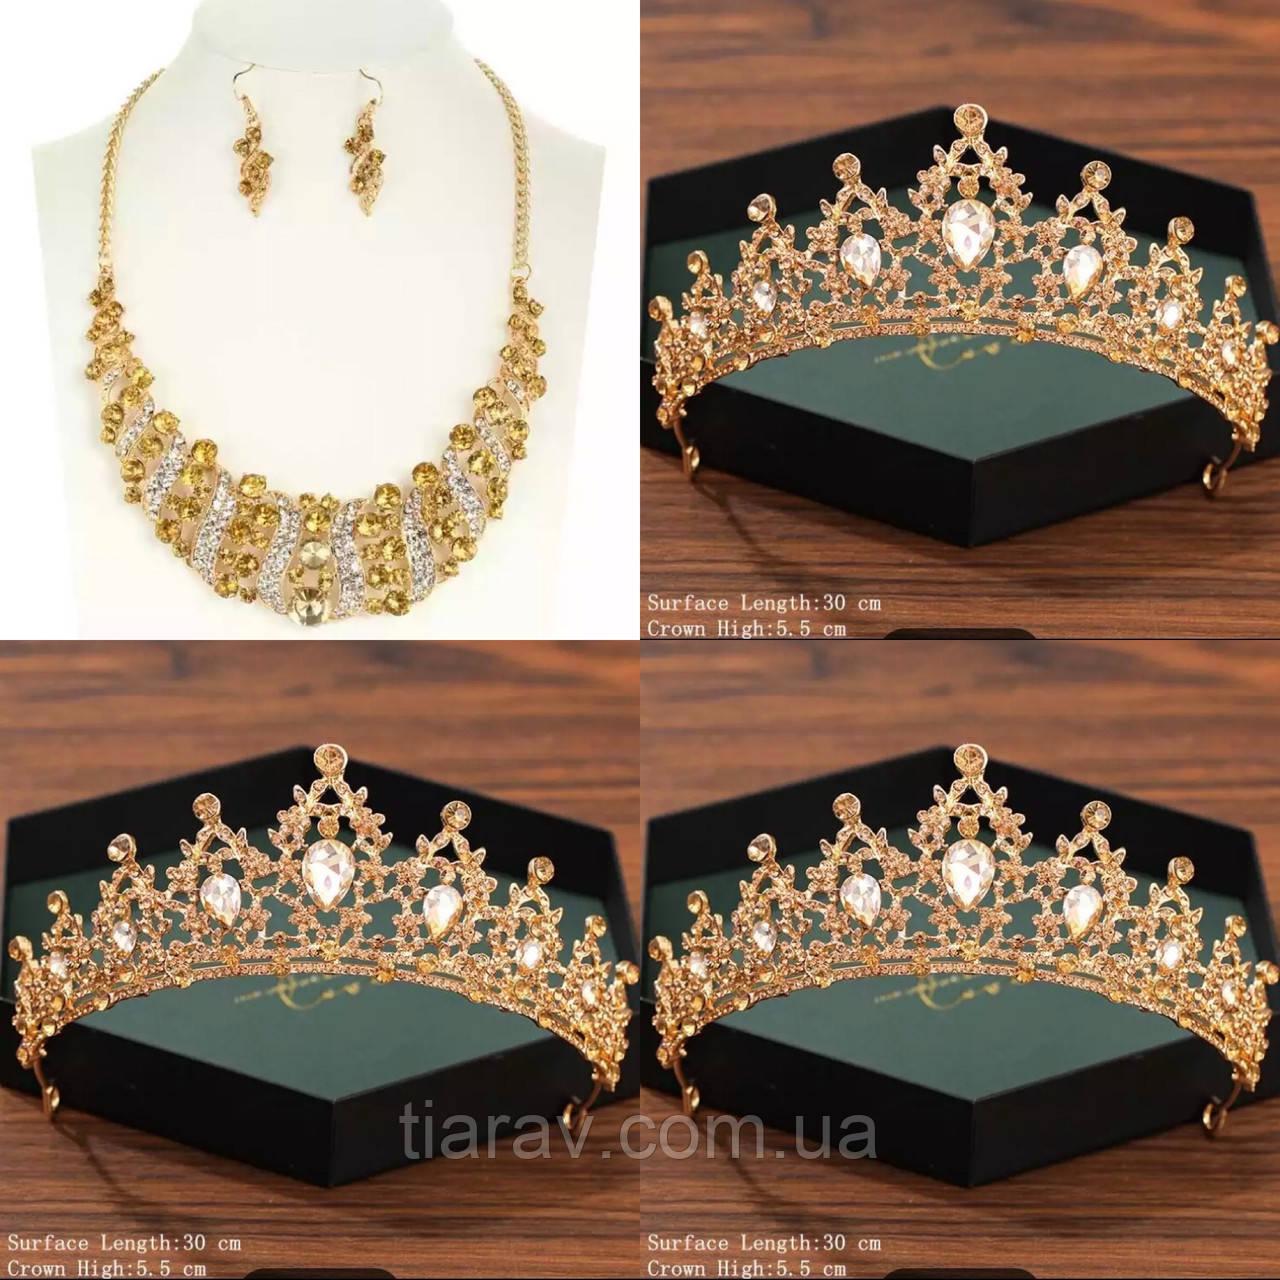 Діадема кольє і сережки, корона, тіара, весільна біжутерія